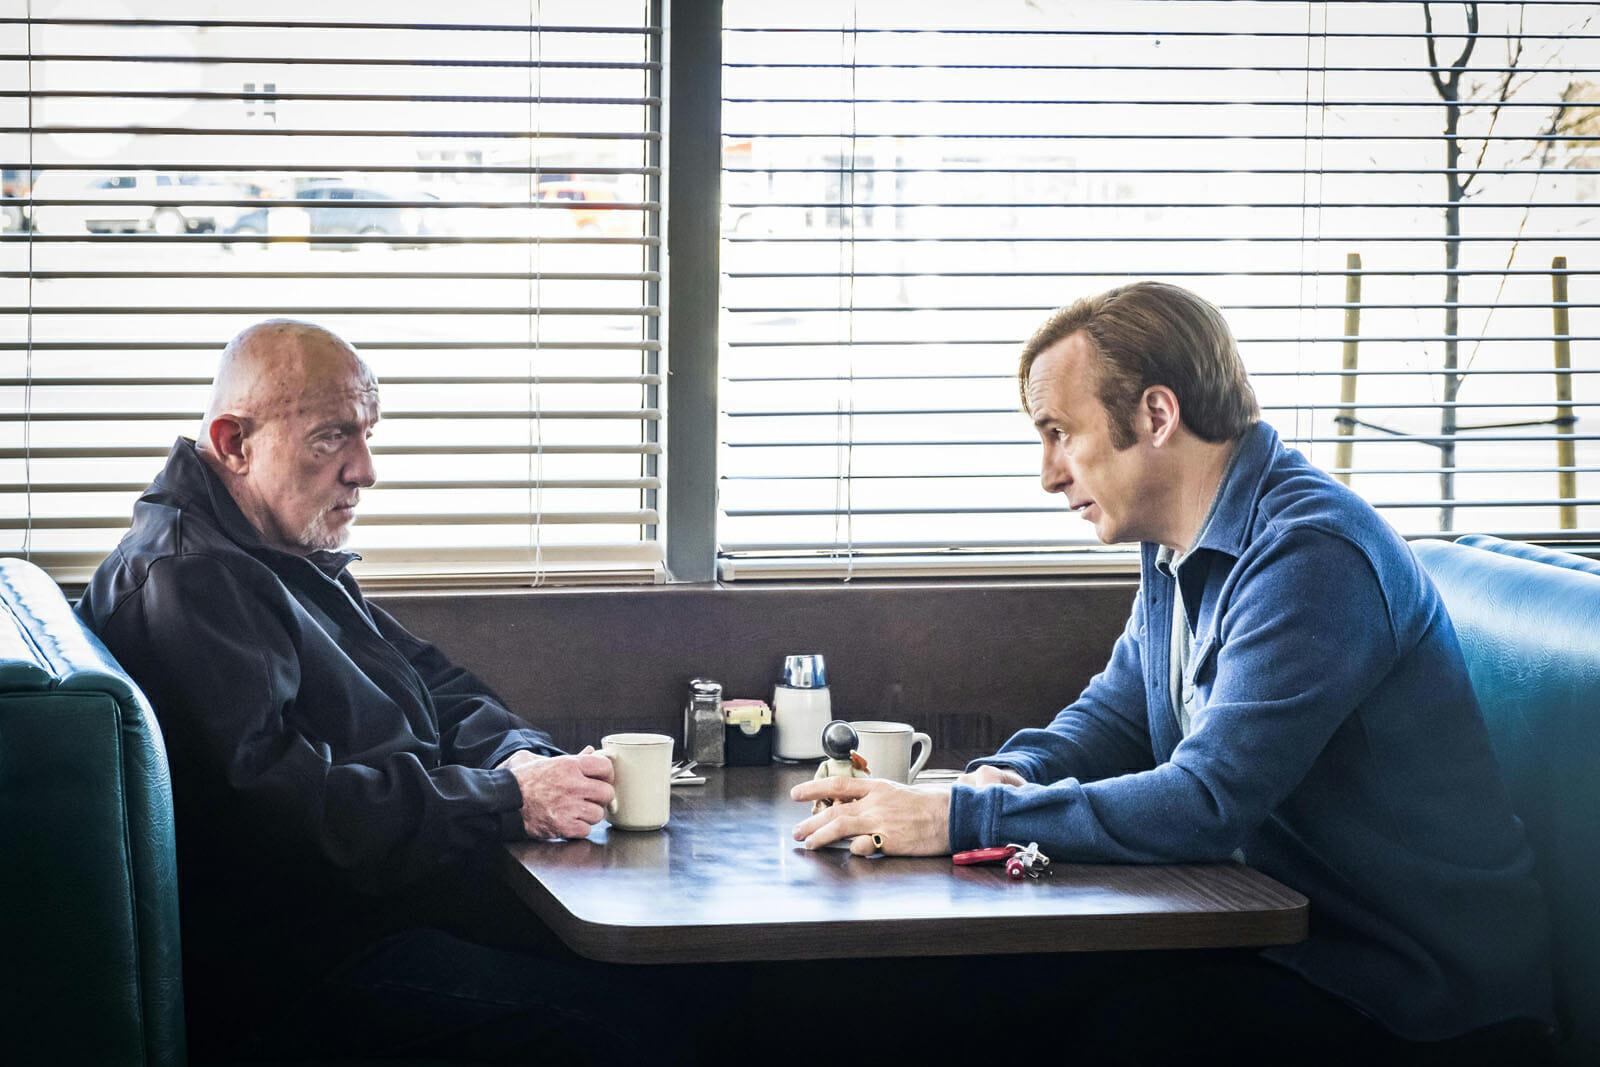 Better-Call-Saul-odenkirk-banks-saison4